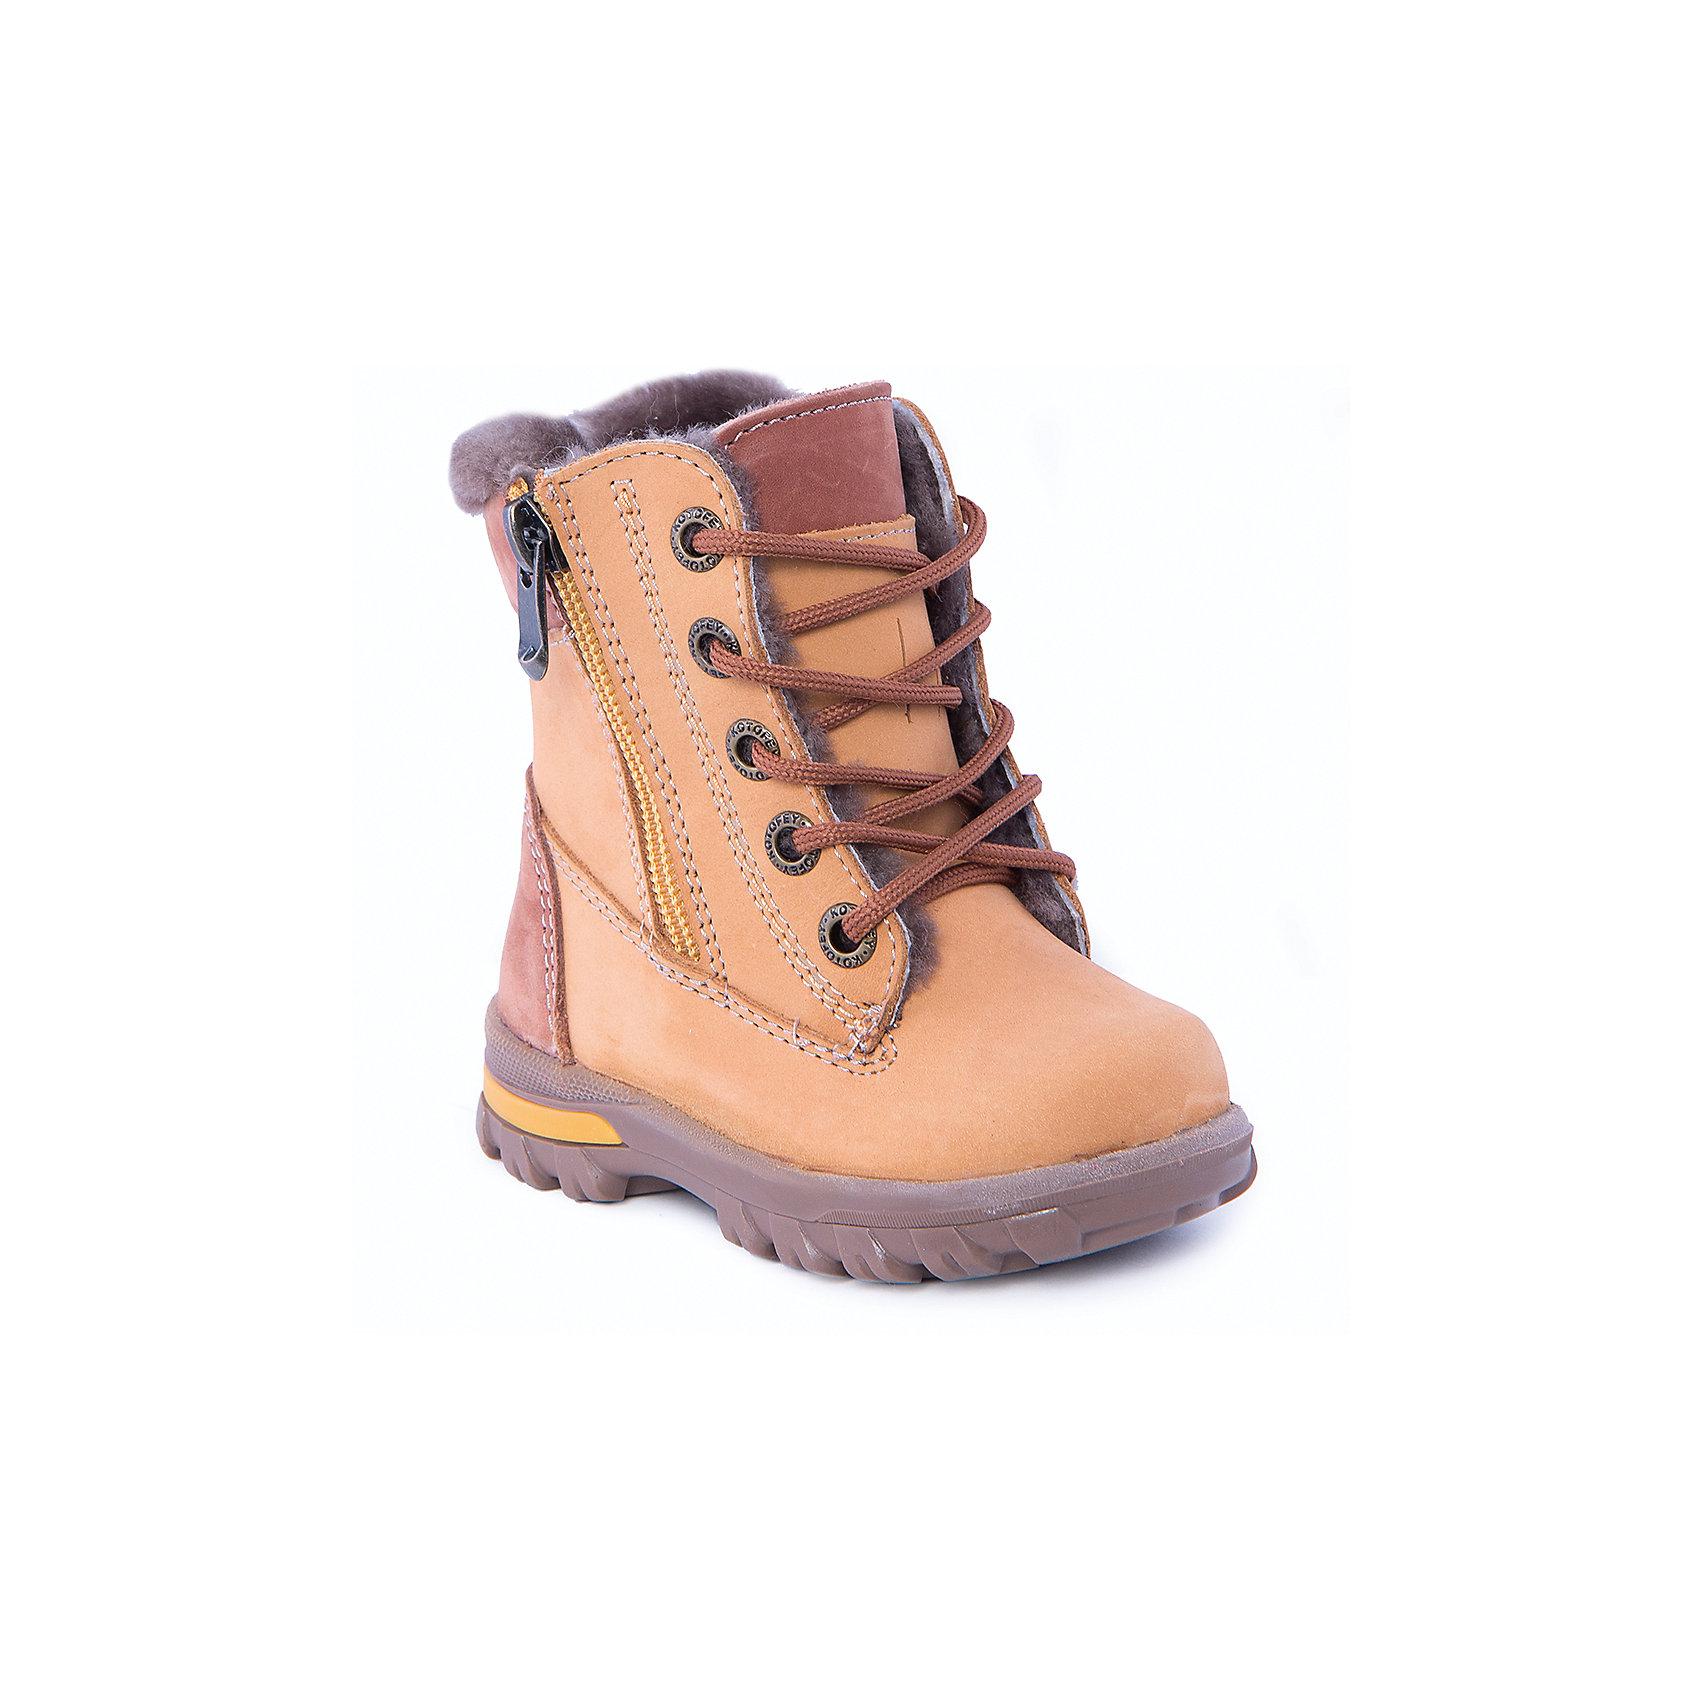 Ботинки для мальчика КотофейБотинки для мальчика от известного российского бренда Котофей<br><br>Стильные ботинки помогут защитить детские ножки от сырости и холода. Они легко надеваются, комфортно садятся по ноге.<br><br>Особенности модели: <br><br>- цвет - желтый;<br>- голенище полностью закрывает голеностоп;<br>- верх – натуральный нубук;<br>- комфортная колодка;<br>- подкладка утепленная;<br>- вид крепления – клеевой;<br>- защита пятки;<br>- амортизирующая устойчивая подошва;<br>- застежка - молния, шнуровка.<br><br>Дополнительная информация:<br><br>Температурный режим: <br><br>от 0° С до -25° С<br><br>Состав:<br>верх – натуральная кожа;<br>подкладка - овчина;<br>подошва - ТЭП.<br><br>Ботинки для мальчика Котофей можно купить в нашем магазине.<br><br>Ширина мм: 262<br>Глубина мм: 176<br>Высота мм: 97<br>Вес г: 427<br>Цвет: желтый<br>Возраст от месяцев: 21<br>Возраст до месяцев: 24<br>Пол: Мужской<br>Возраст: Детский<br>Размер: 24,23,21,22<br>SKU: 4315179